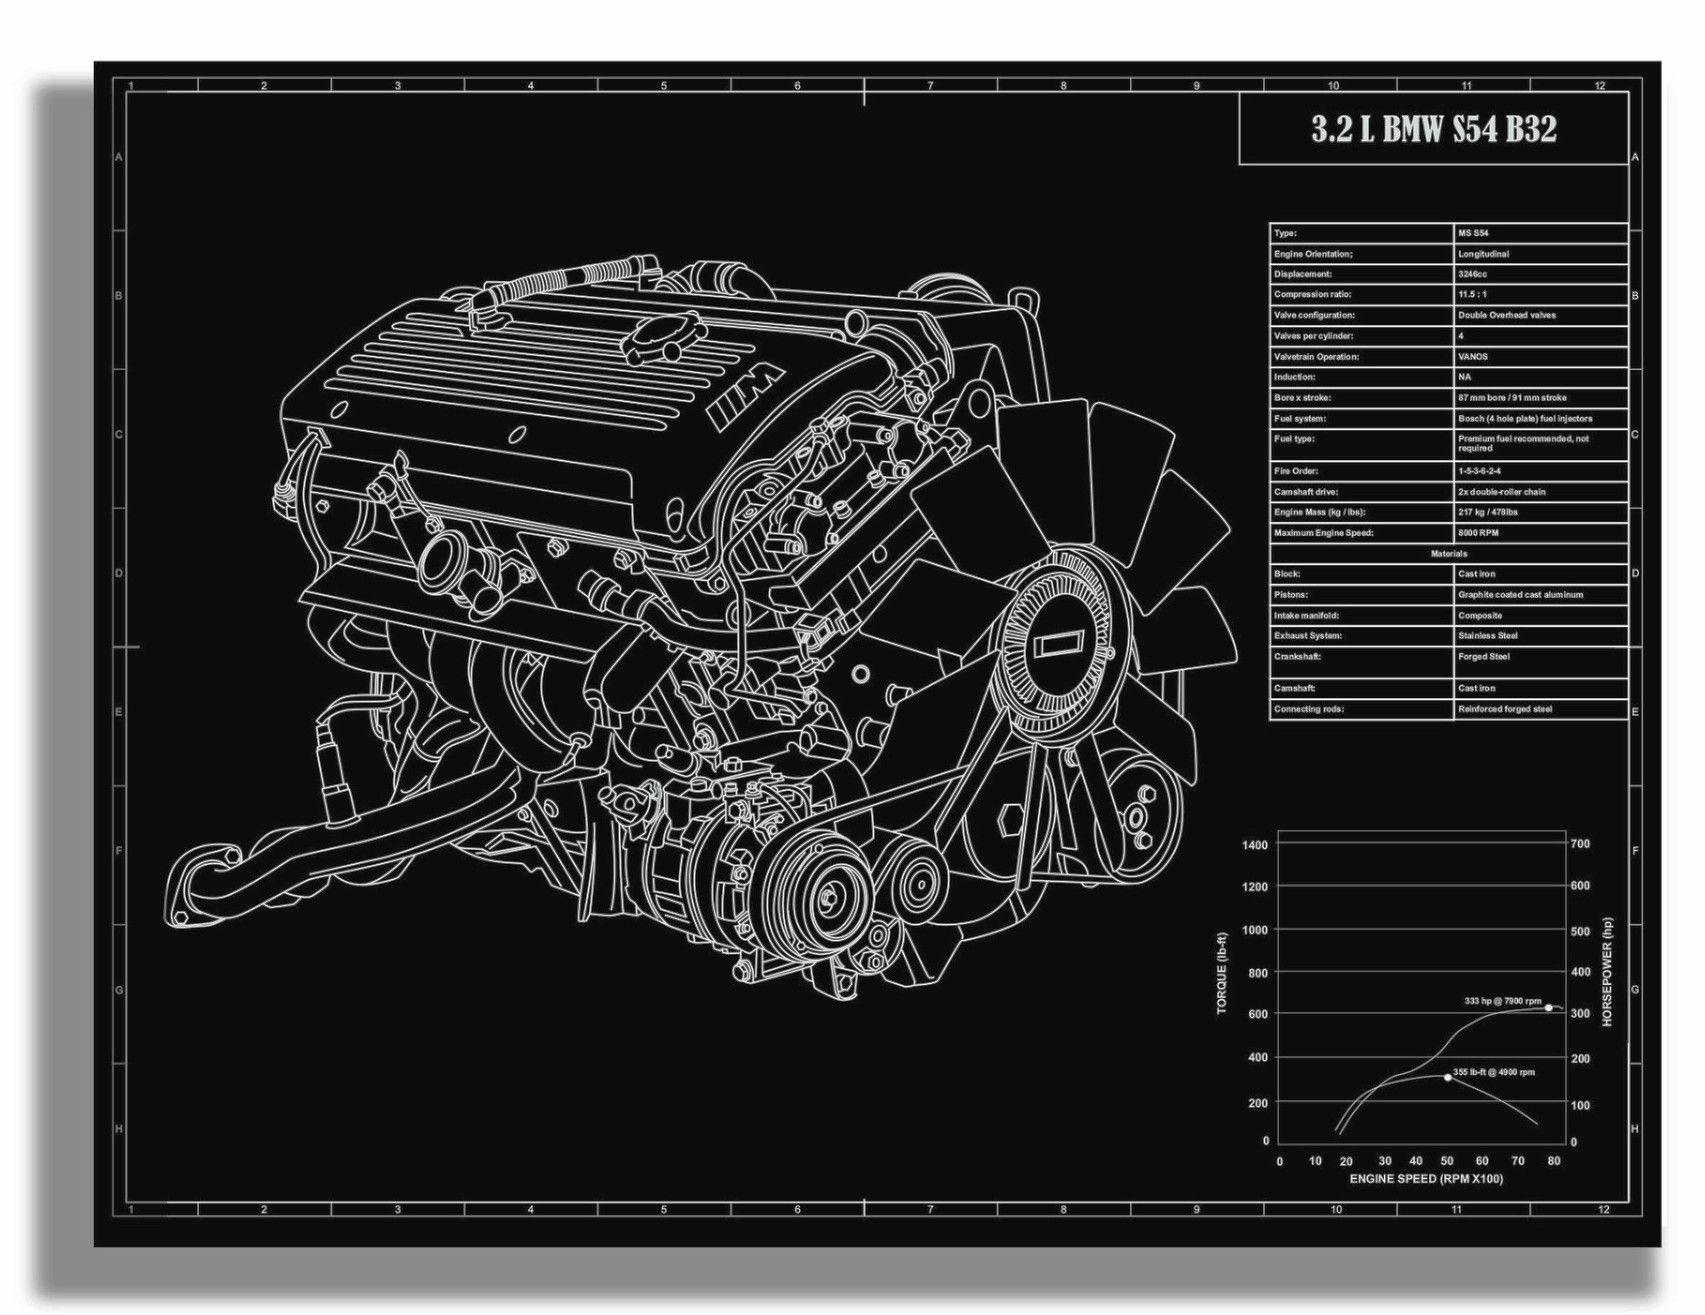 medium resolution of bmw e46 m3 s54 b32 engine engine bmw bmw cars bmw e46 2002 bmw e46 s54 m3 wiring diagram